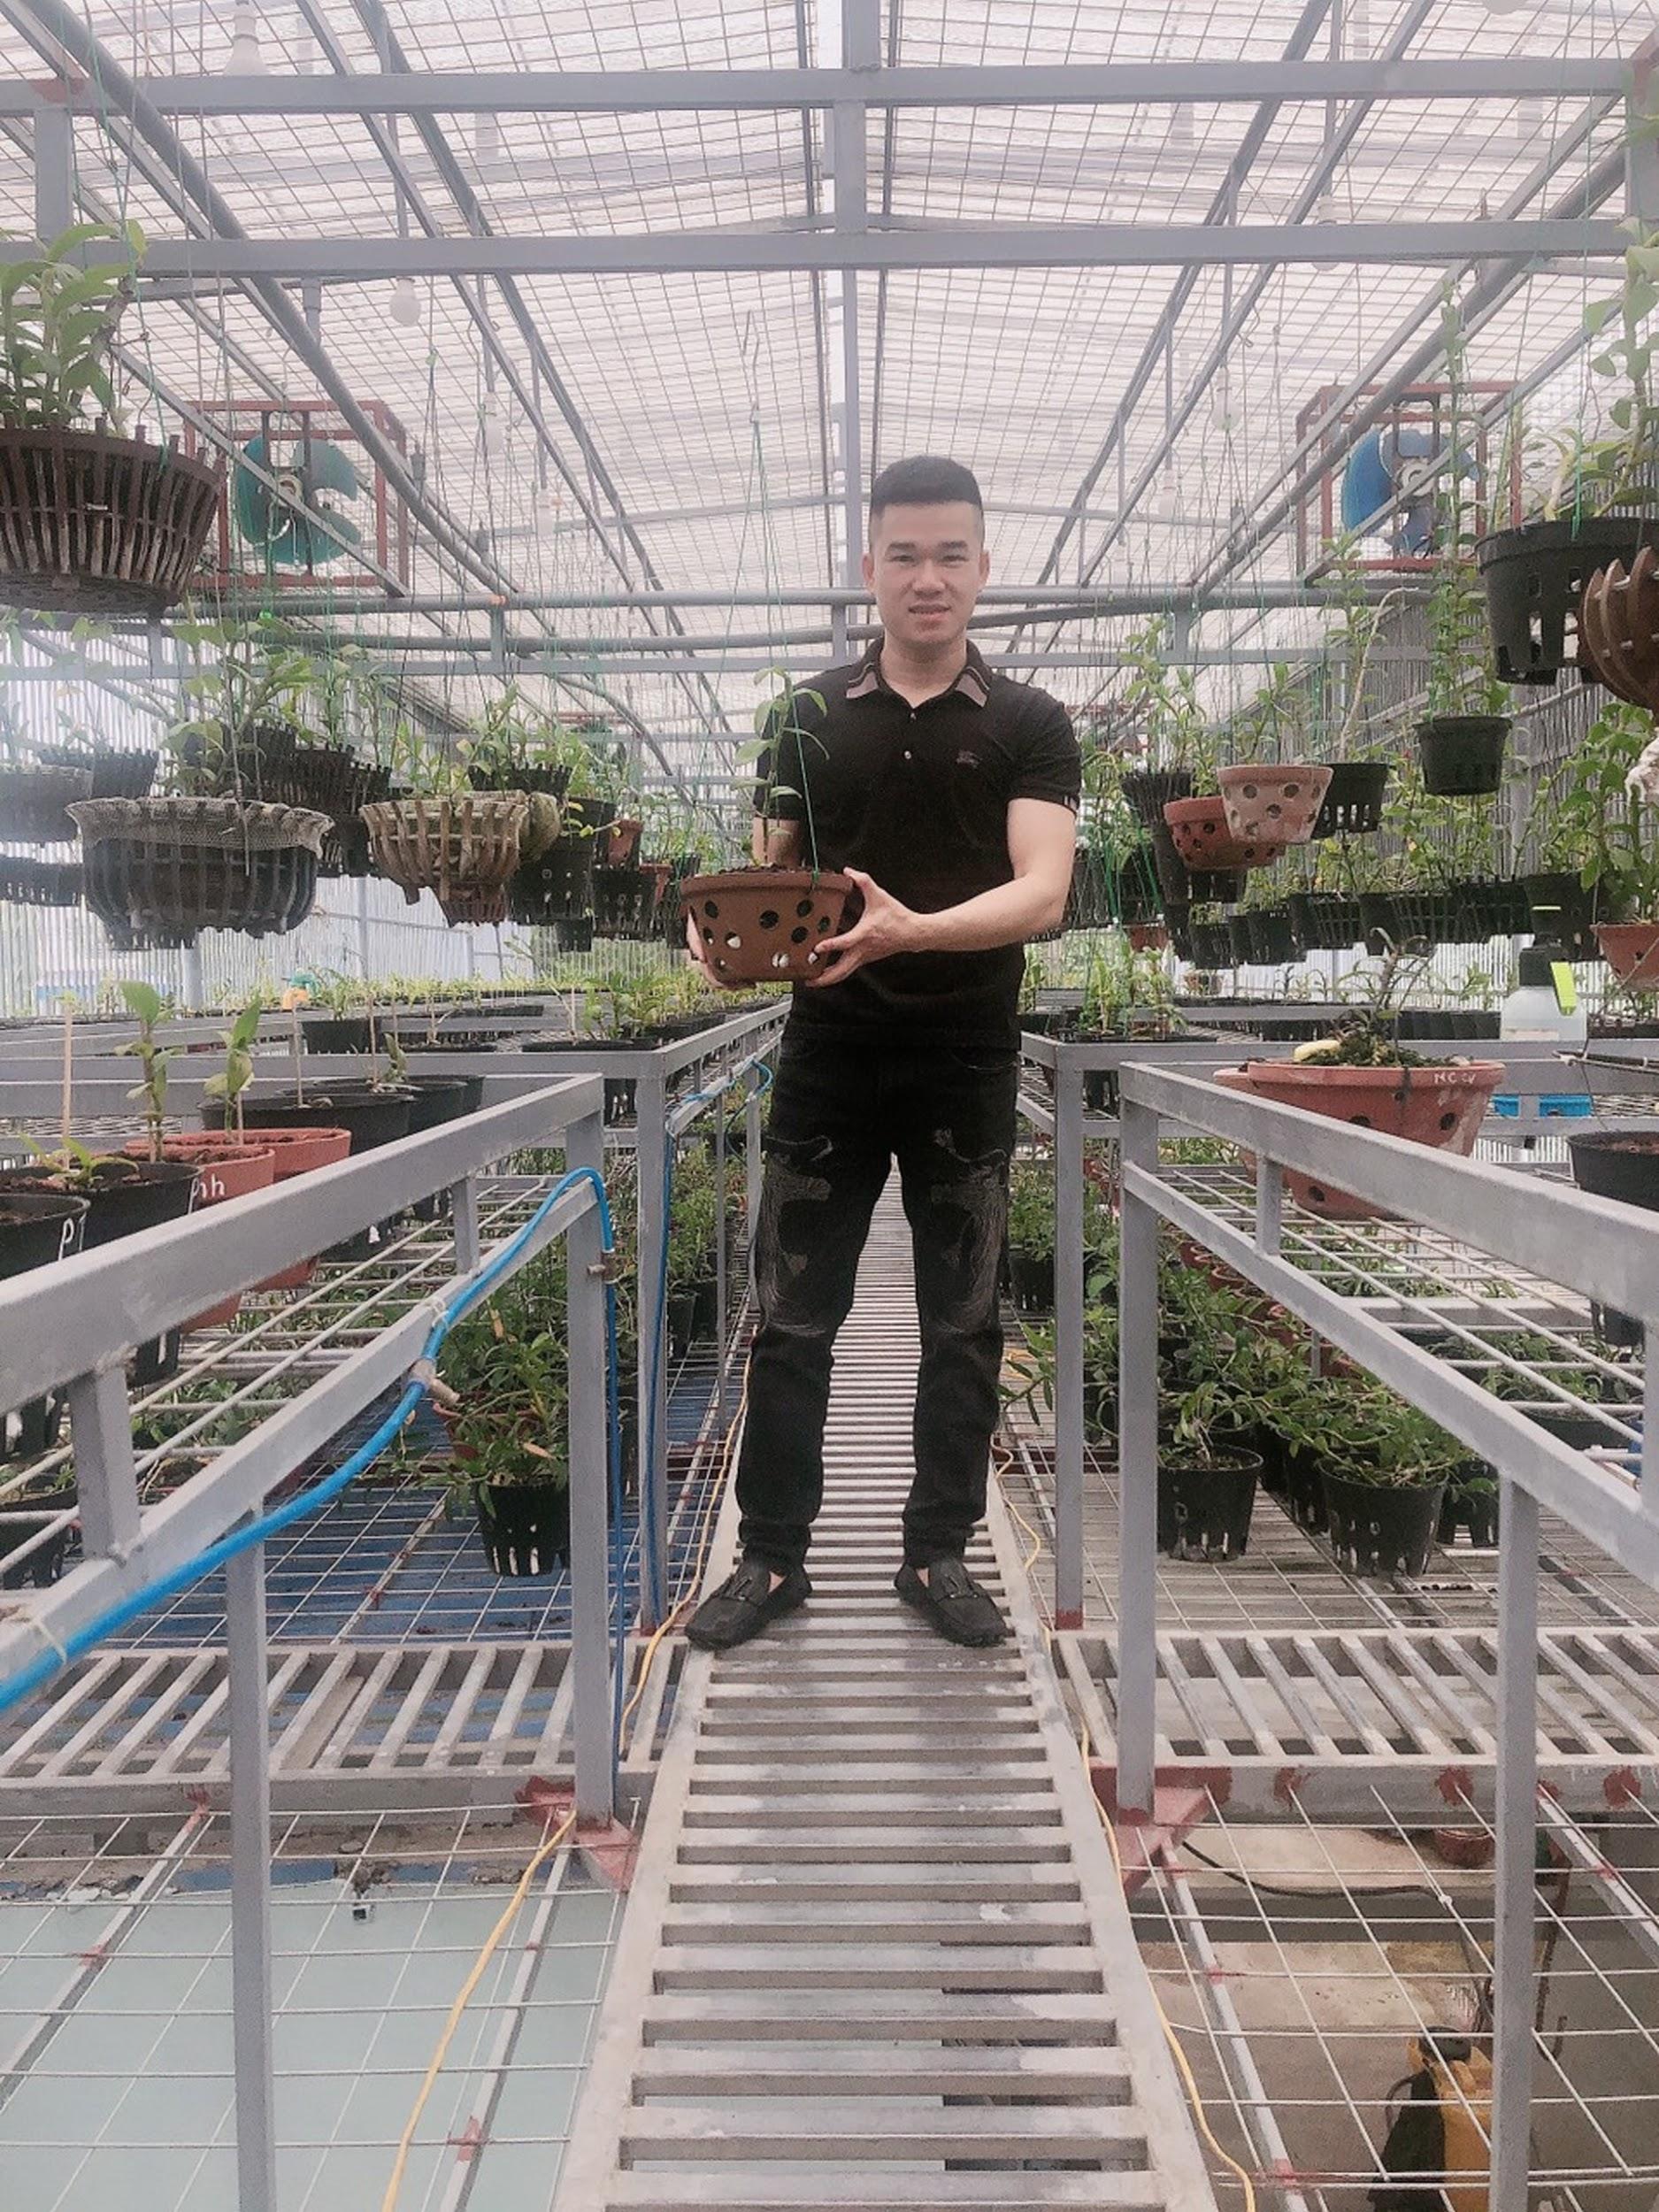 Doanh nhân trẻ Trần Quang Đồng với ước mơ và hoài bão trong việc chăm sóc và kinh doanh các giống hoa lan - Ảnh 2